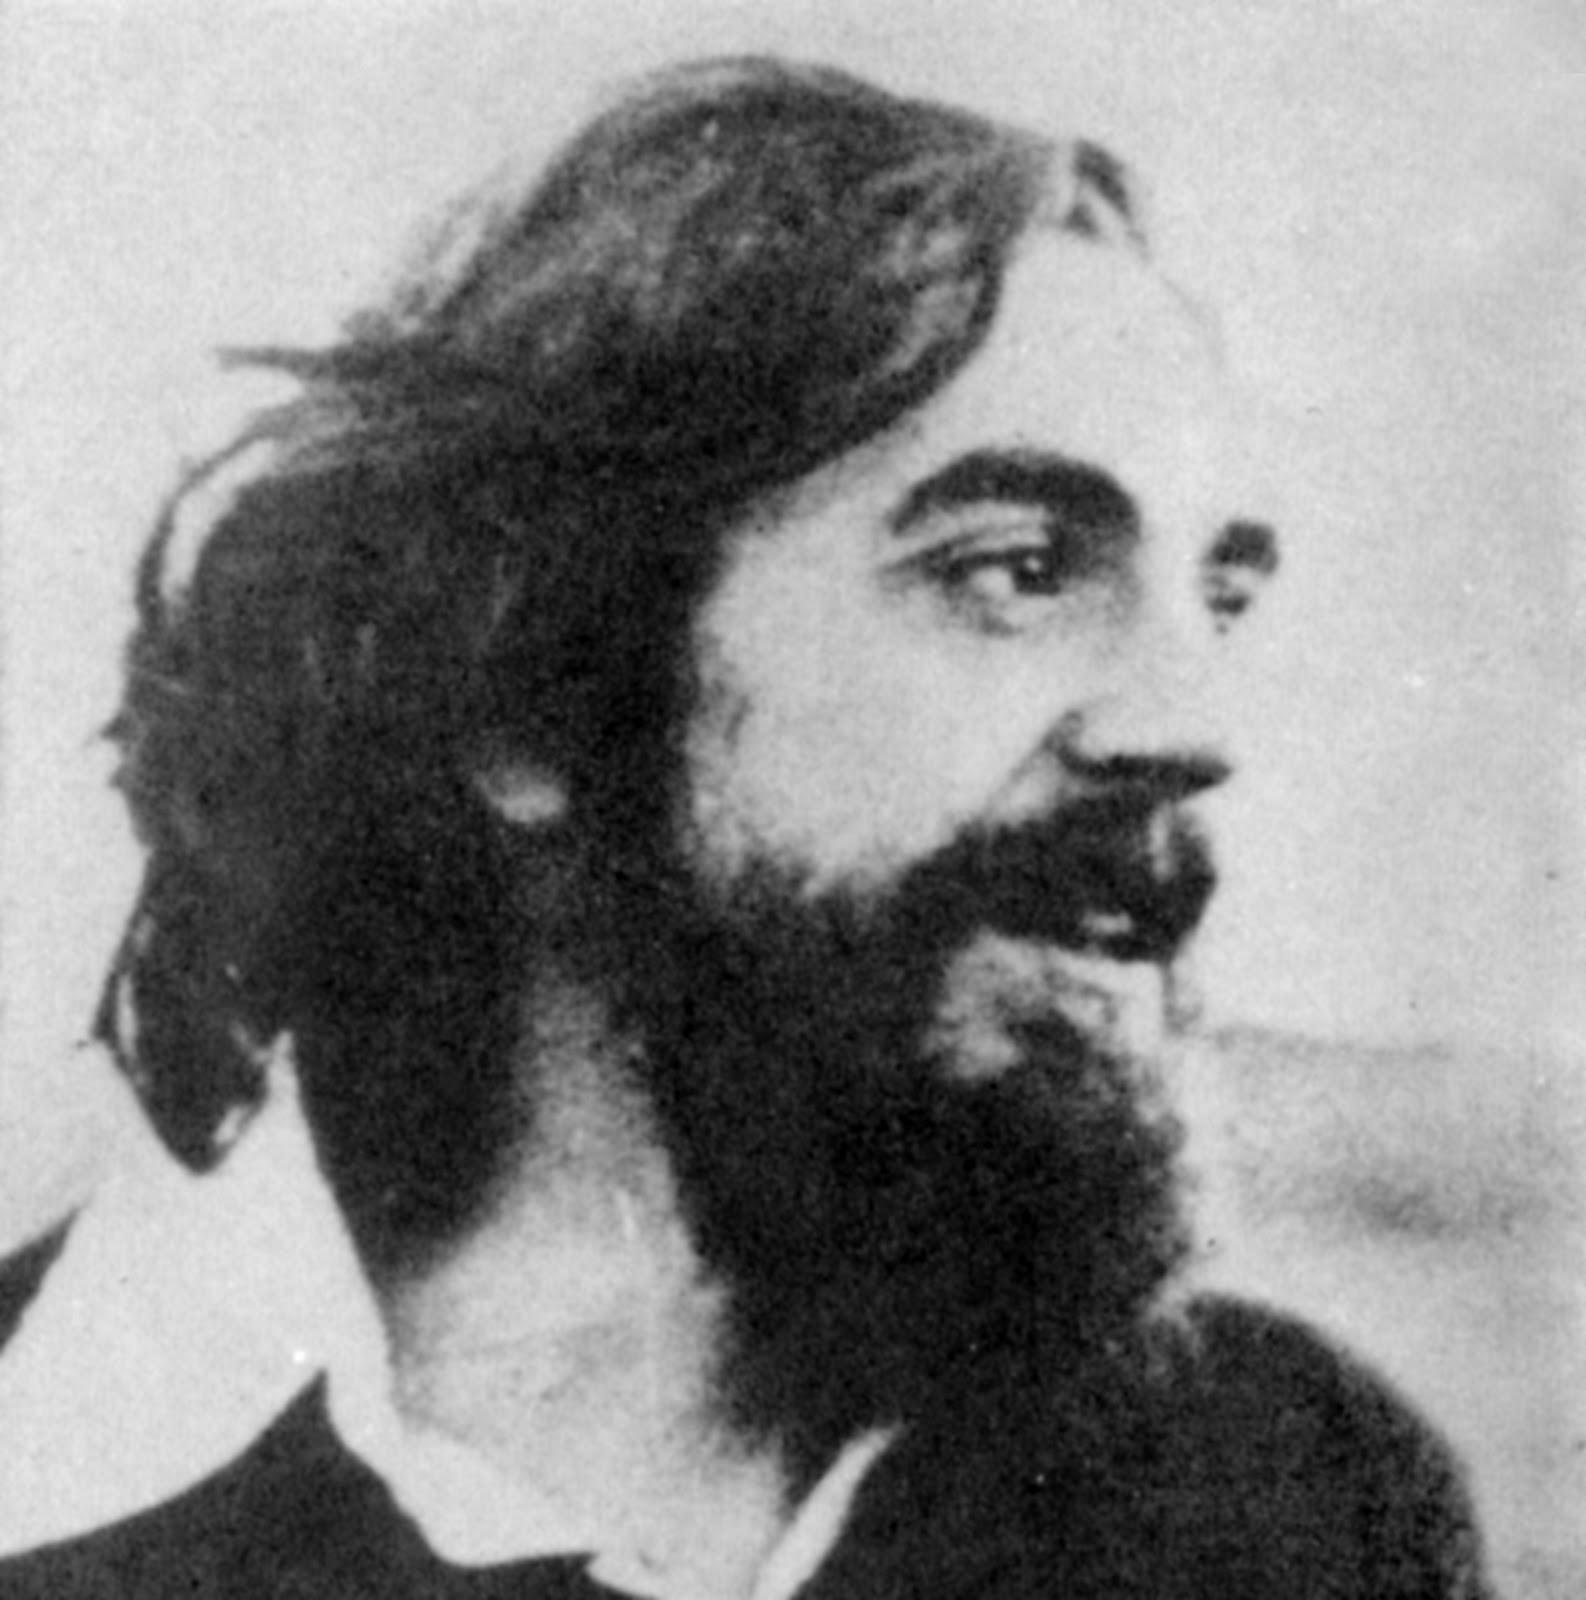 German Rodriguez 1978ko Sanferminetan hil zuen poliziak tiroz, Iruñeko zezen plazatik gertu.